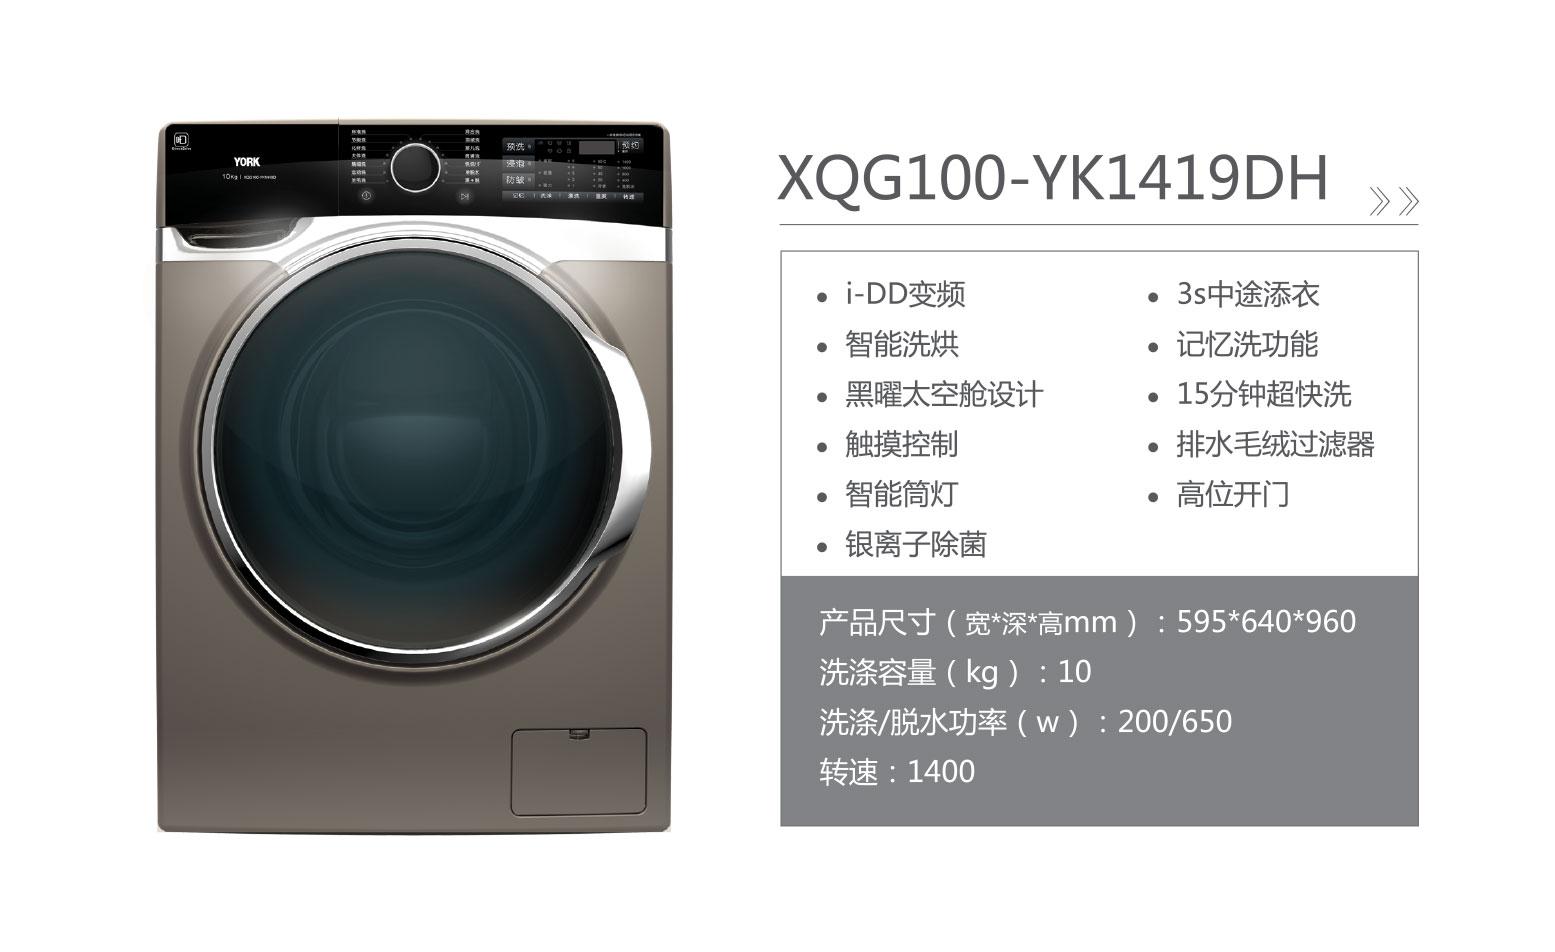 XQG100-YK1419DH-2.jpg